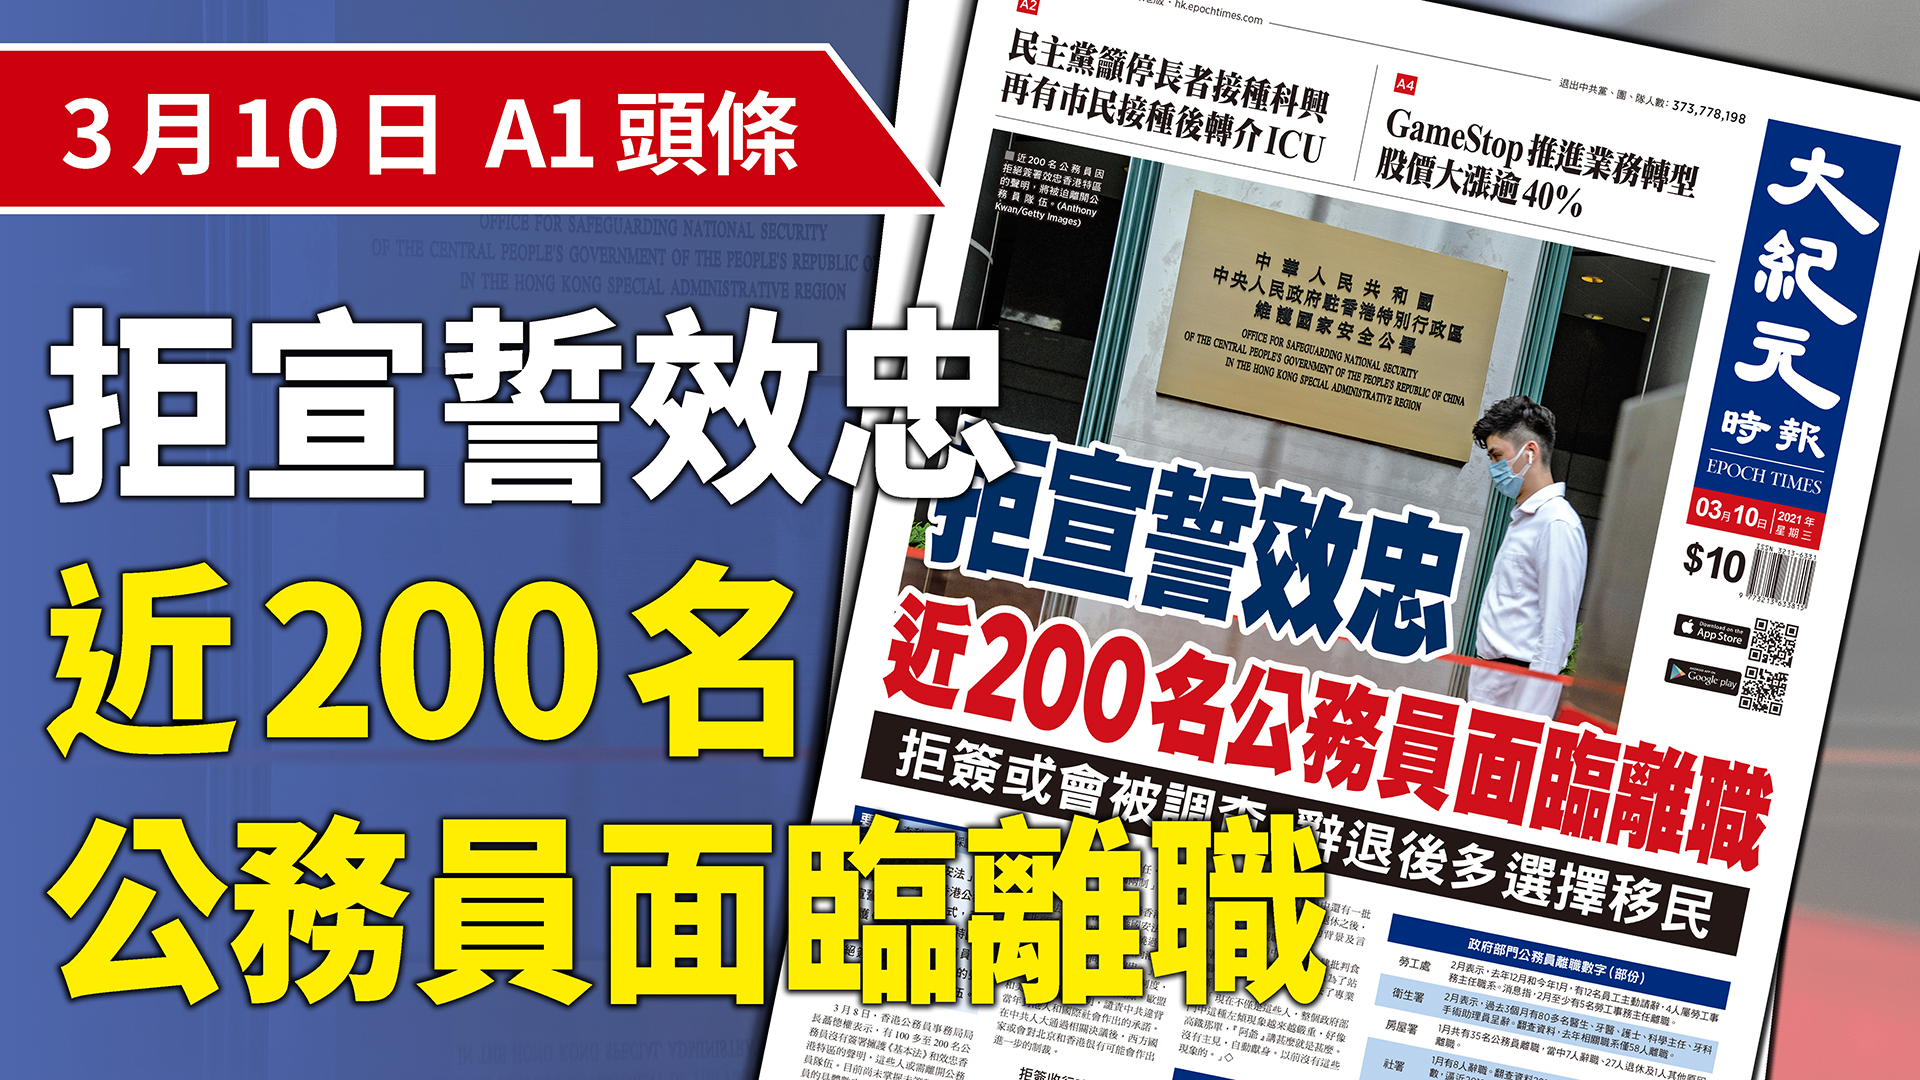 近200名公務員因拒絕簽署效忠香港特區的聲明,將被迫離開公務員隊伍。(大紀元製圖)